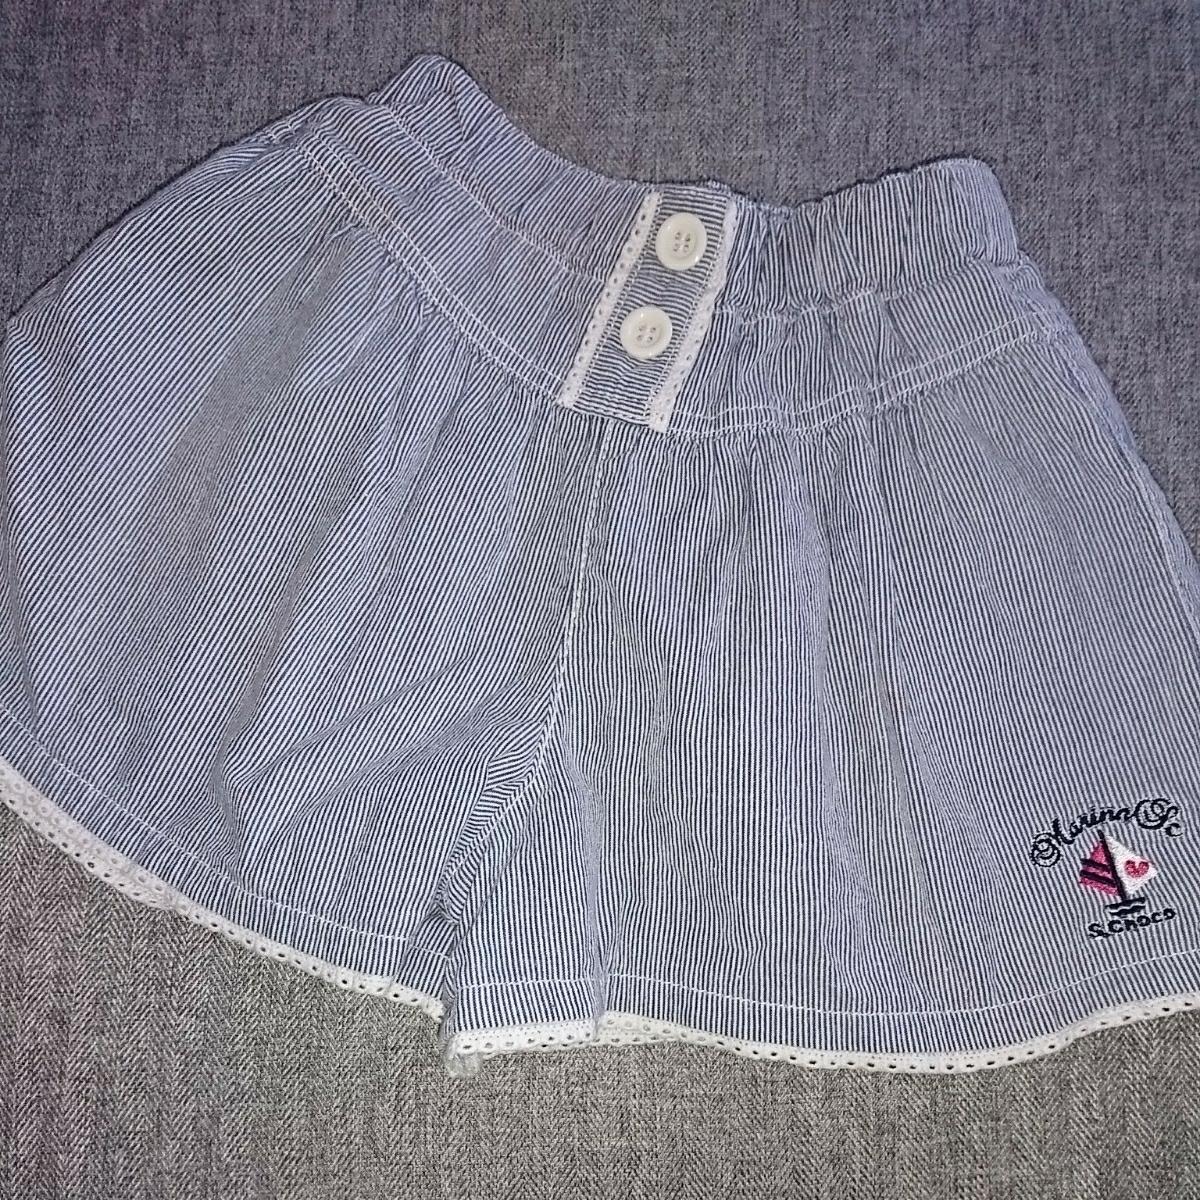 涼しい綿100%涼しげ細ストライプ薄手ショートパンツ 130cmキュロットスカート女の子